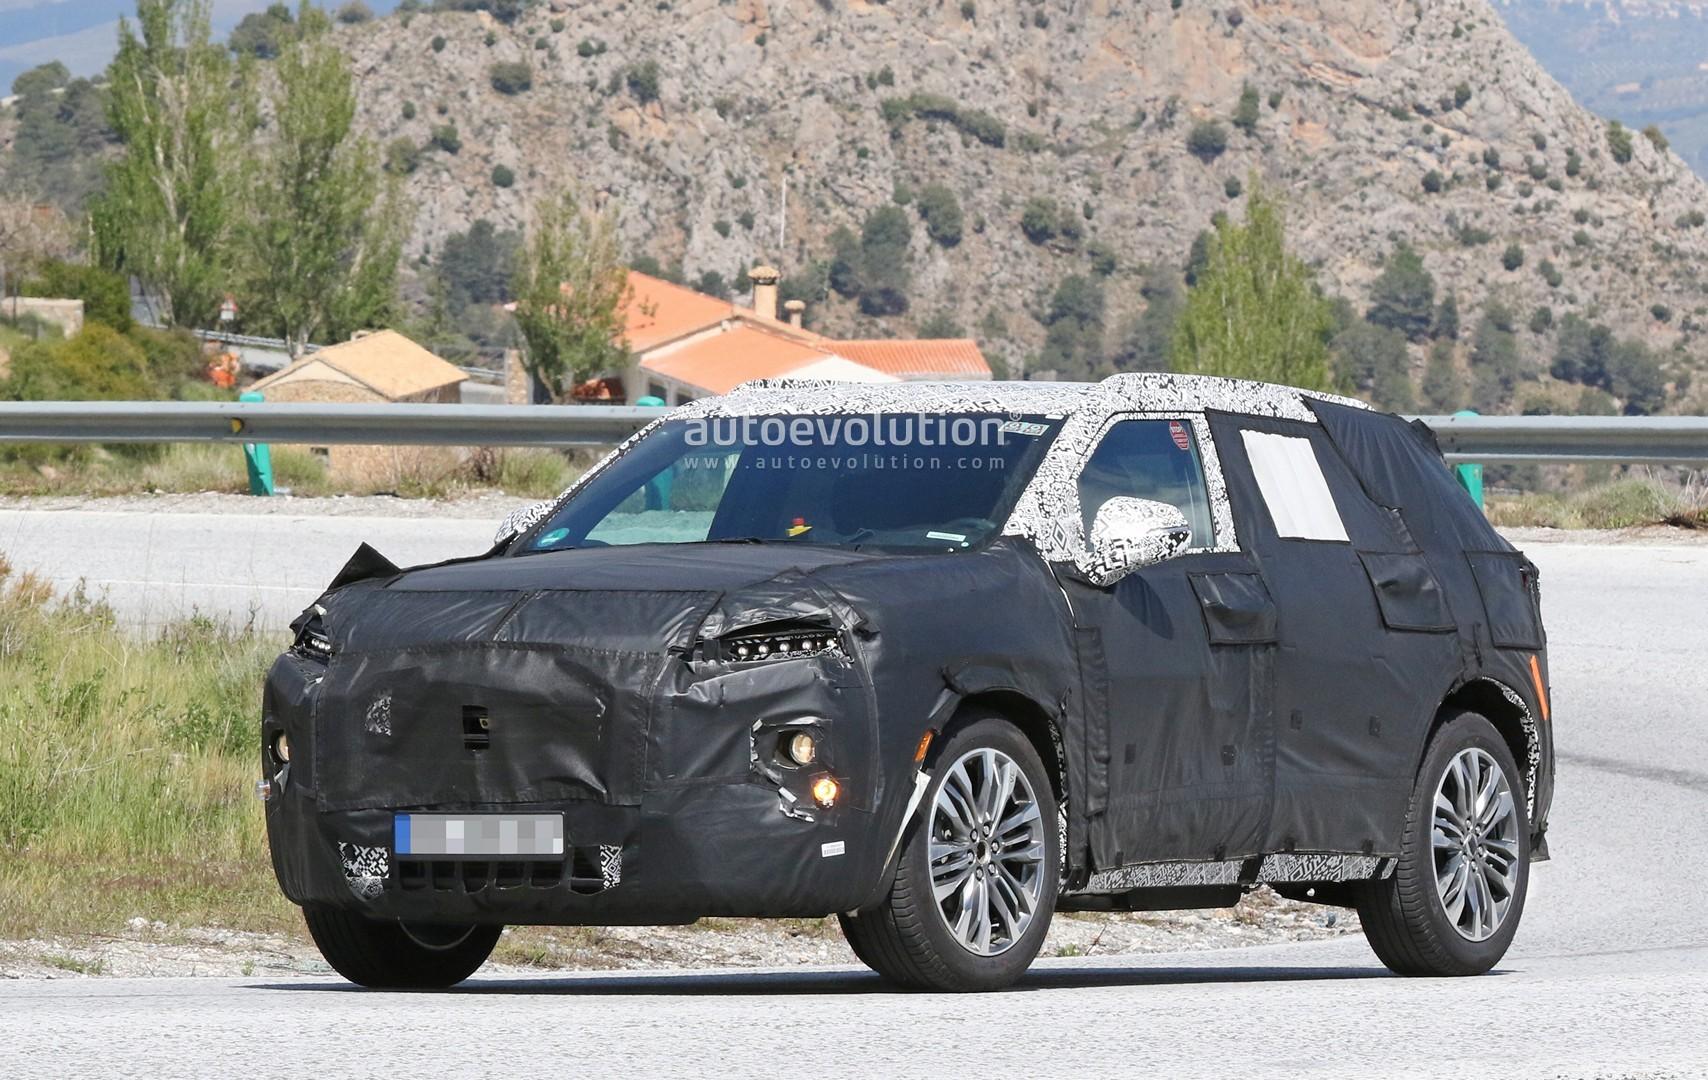 2019 Buick Lineup | 2019 - 2020 GM Car Models - Part 2